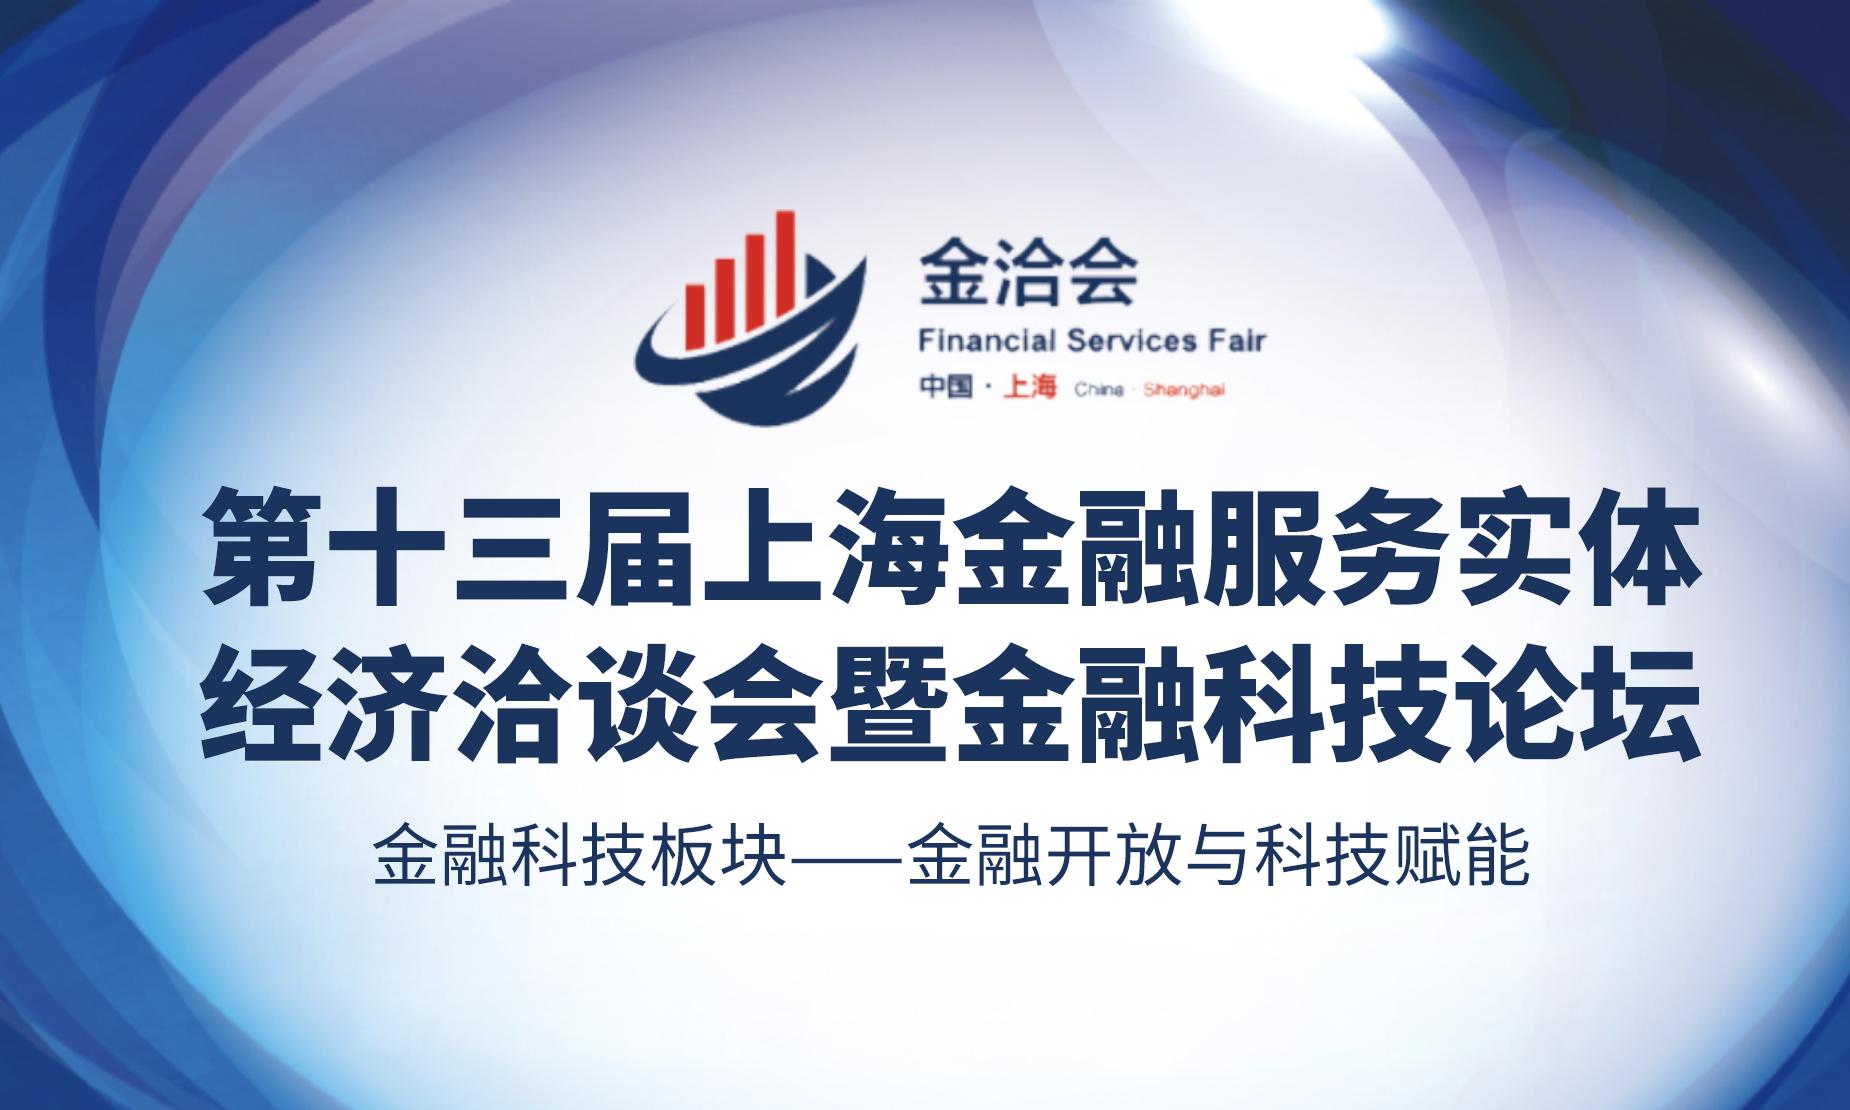 第十三届上海金融服务实体经济洽谈会暨金融科技论坛